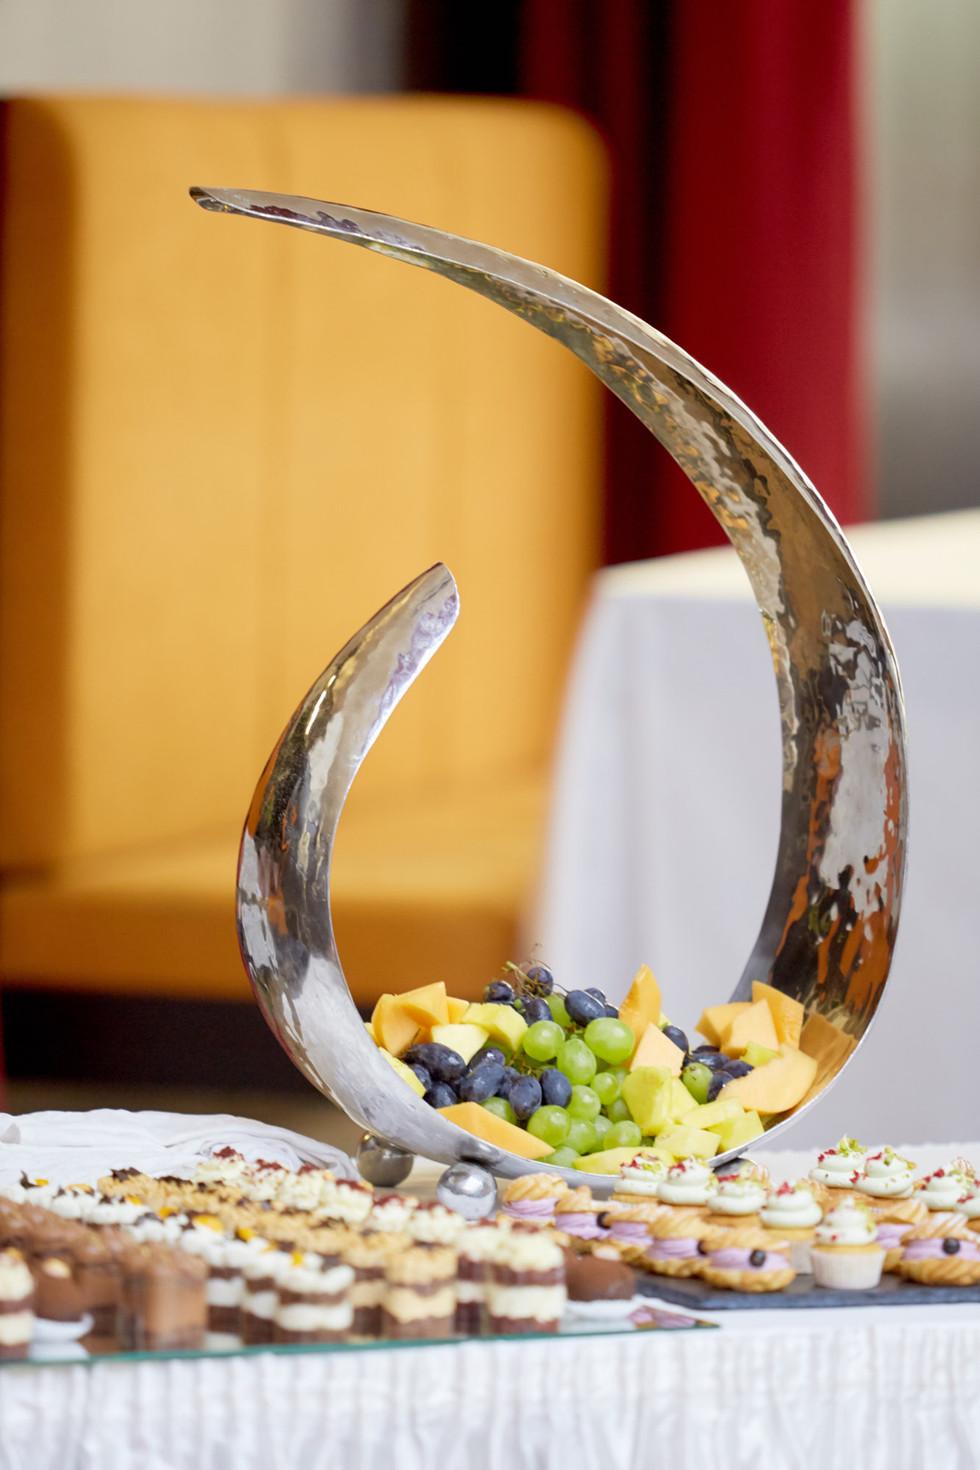 Radnicni-restaurace-catering 5.jpg